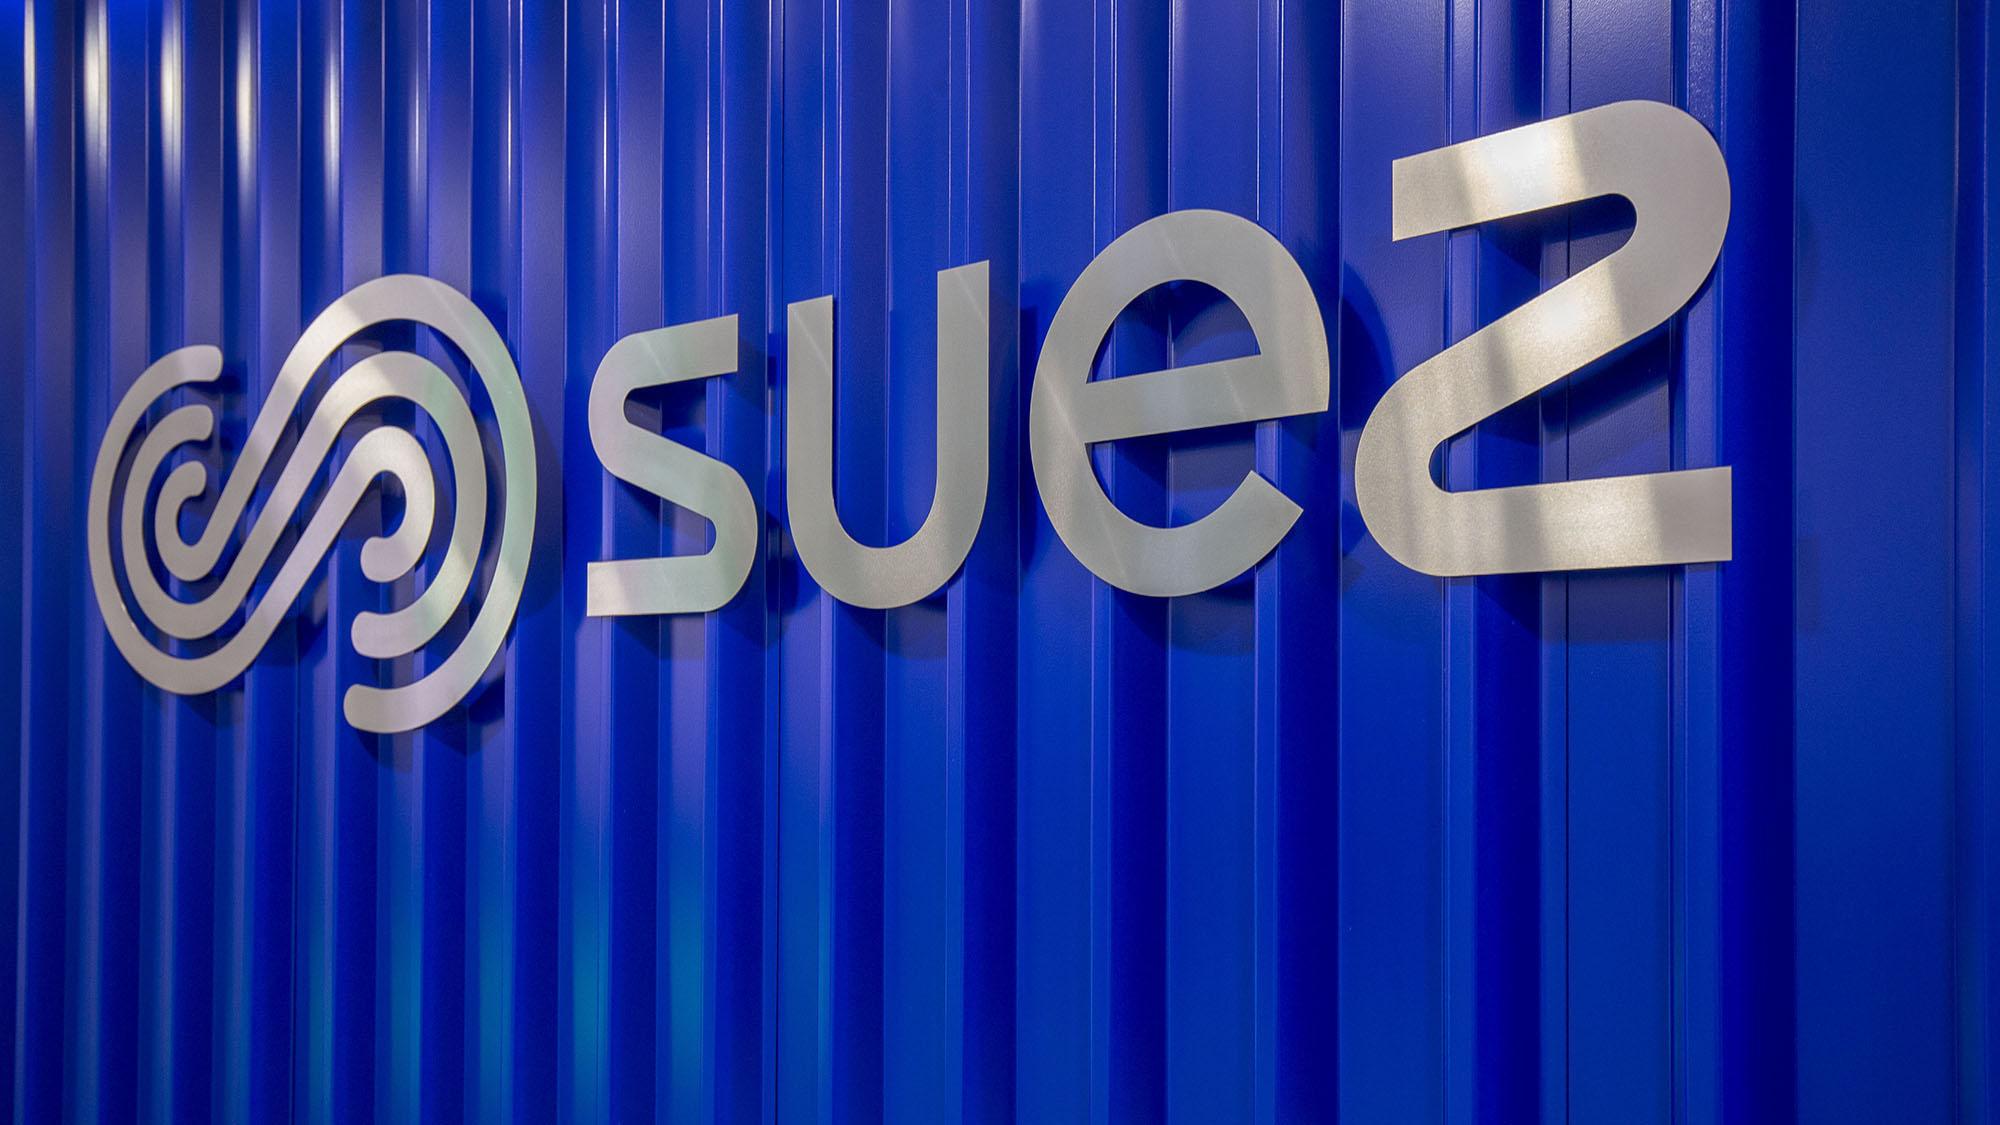 SUEZ logo on wall